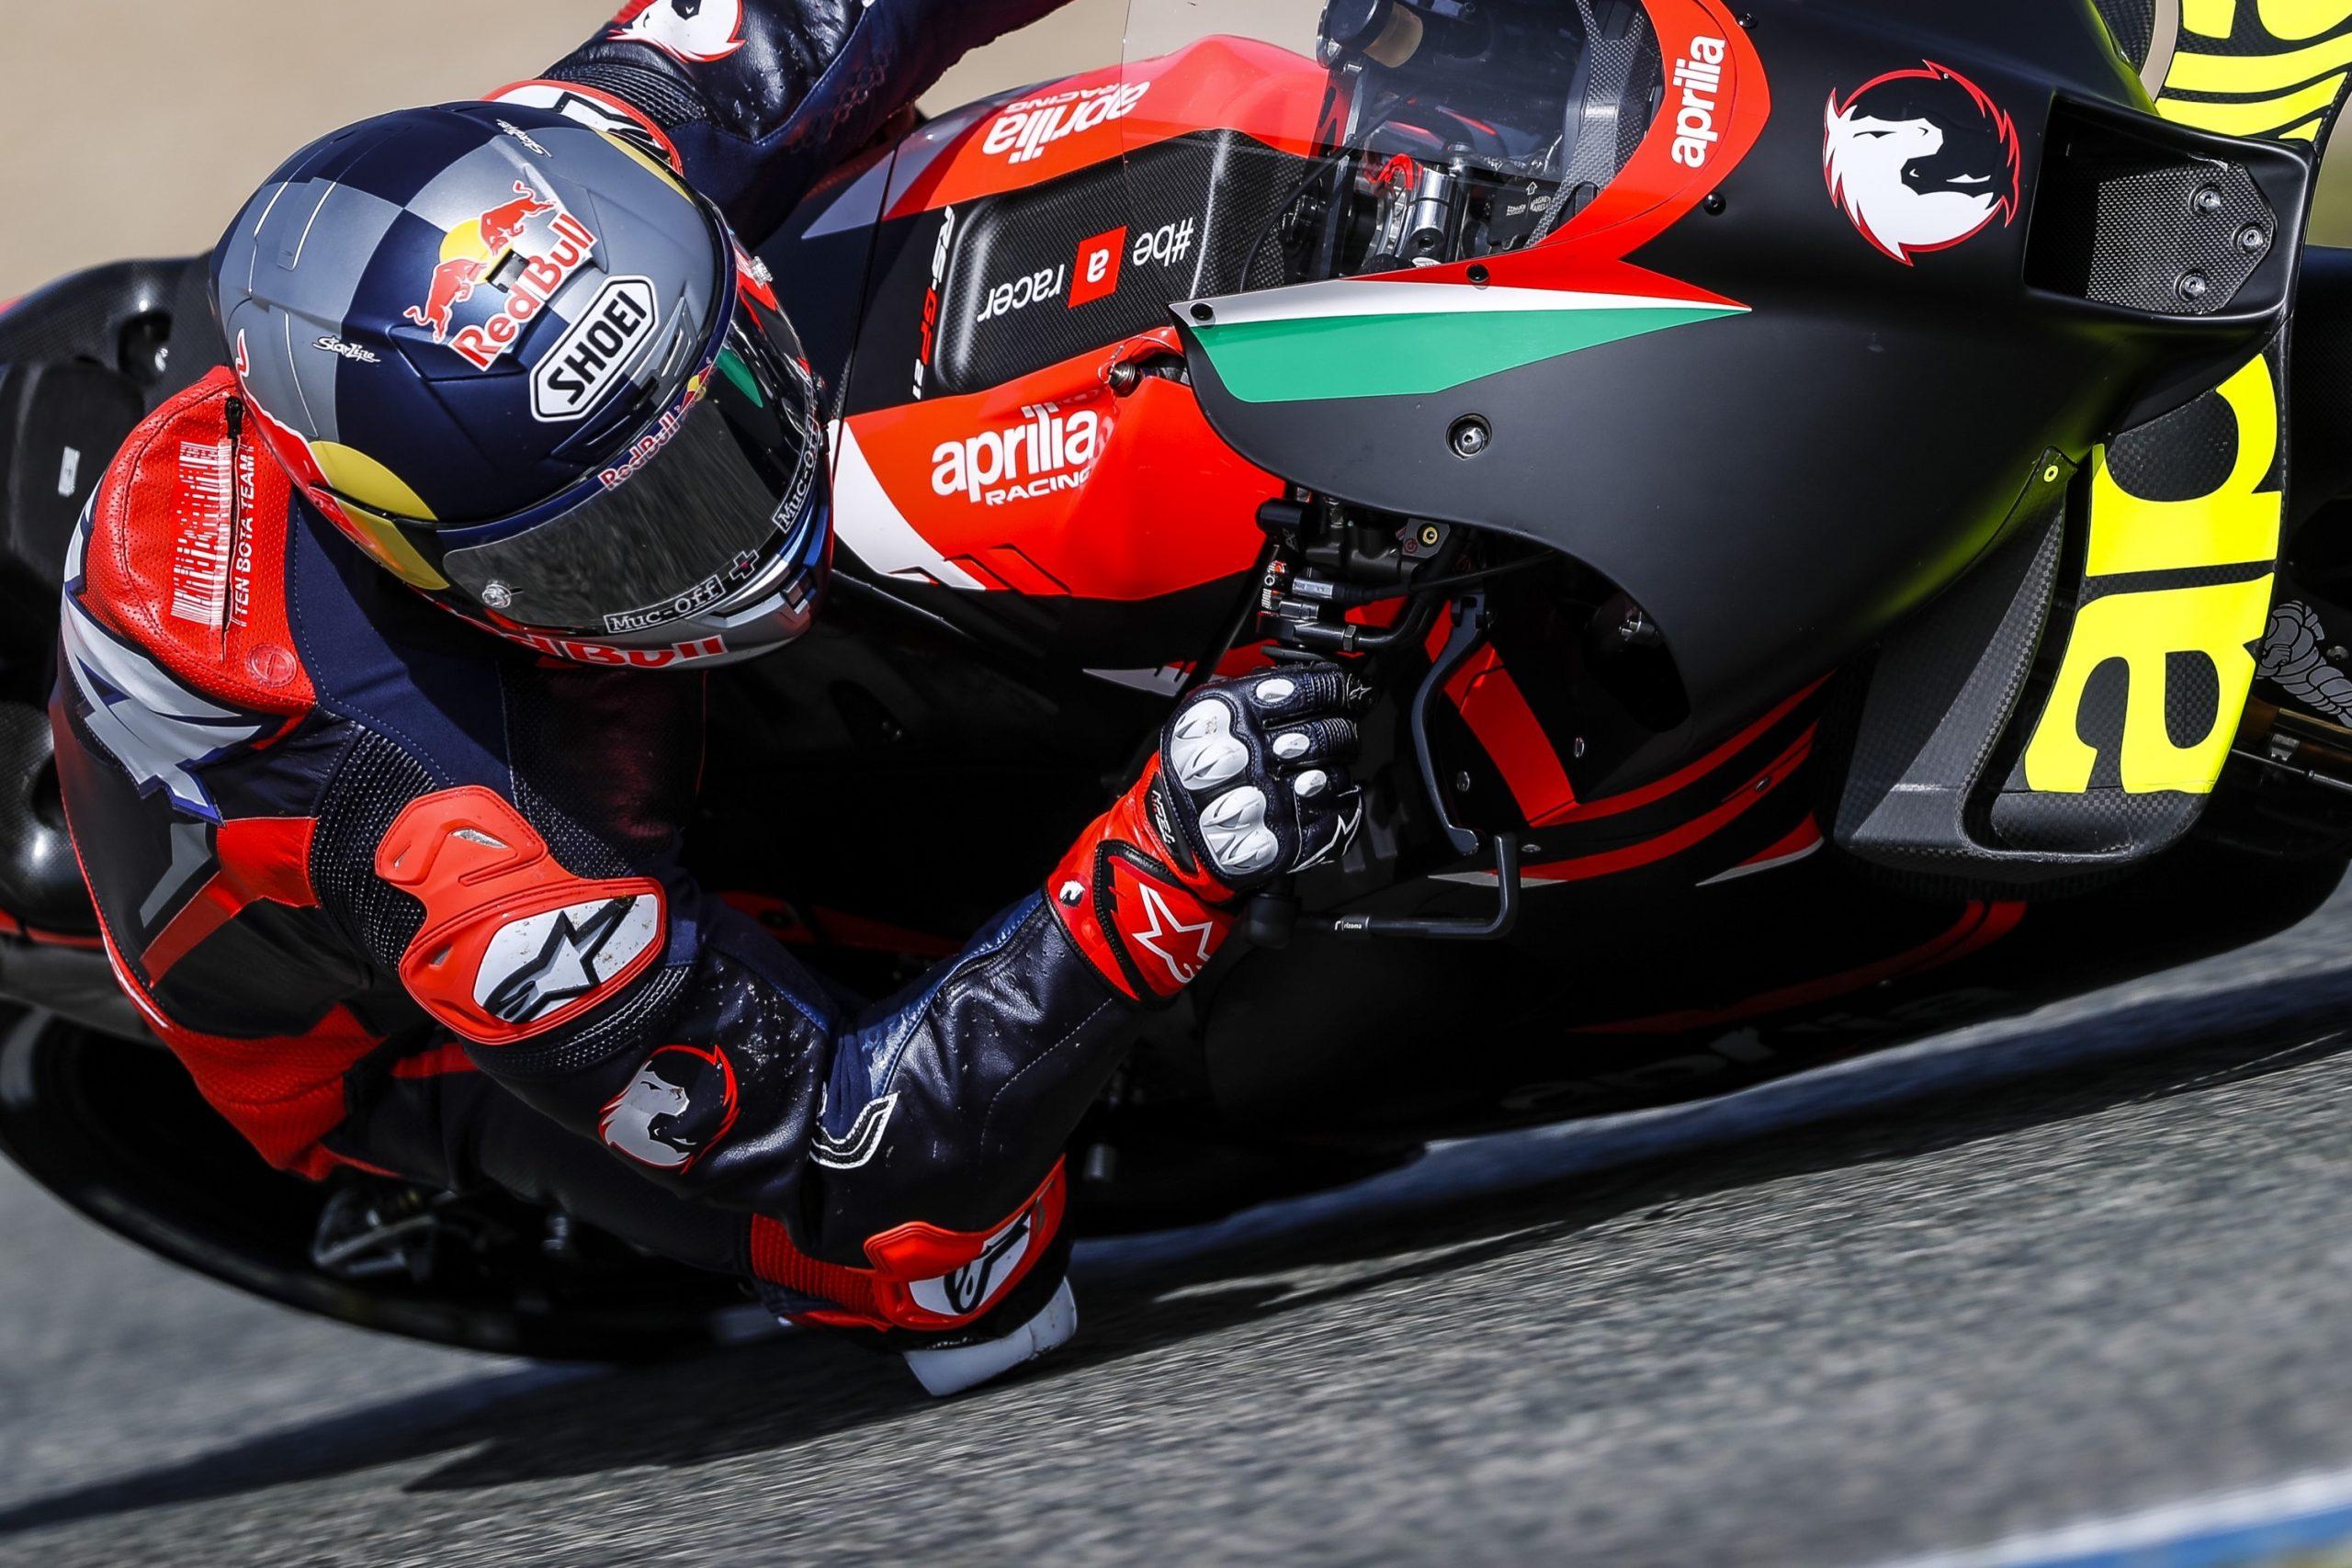 Andrea Dovizioso podczas testów w Jerez na motocyklu Aprilia RS-GP